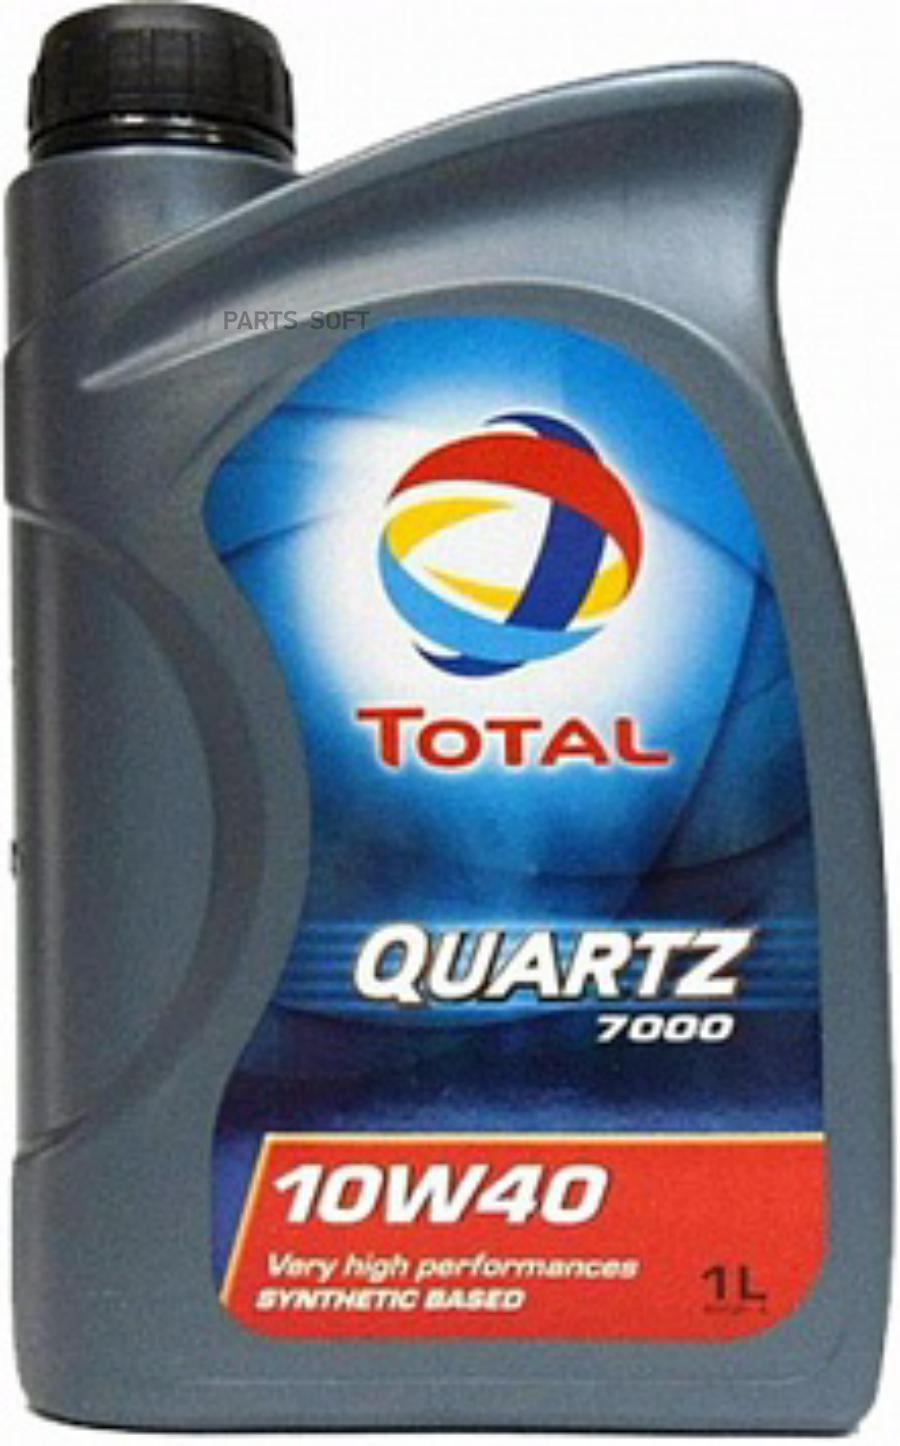 Масло моторное TOTAL QUARTZ 7000 10W-40 (1 л.) полусинтетика